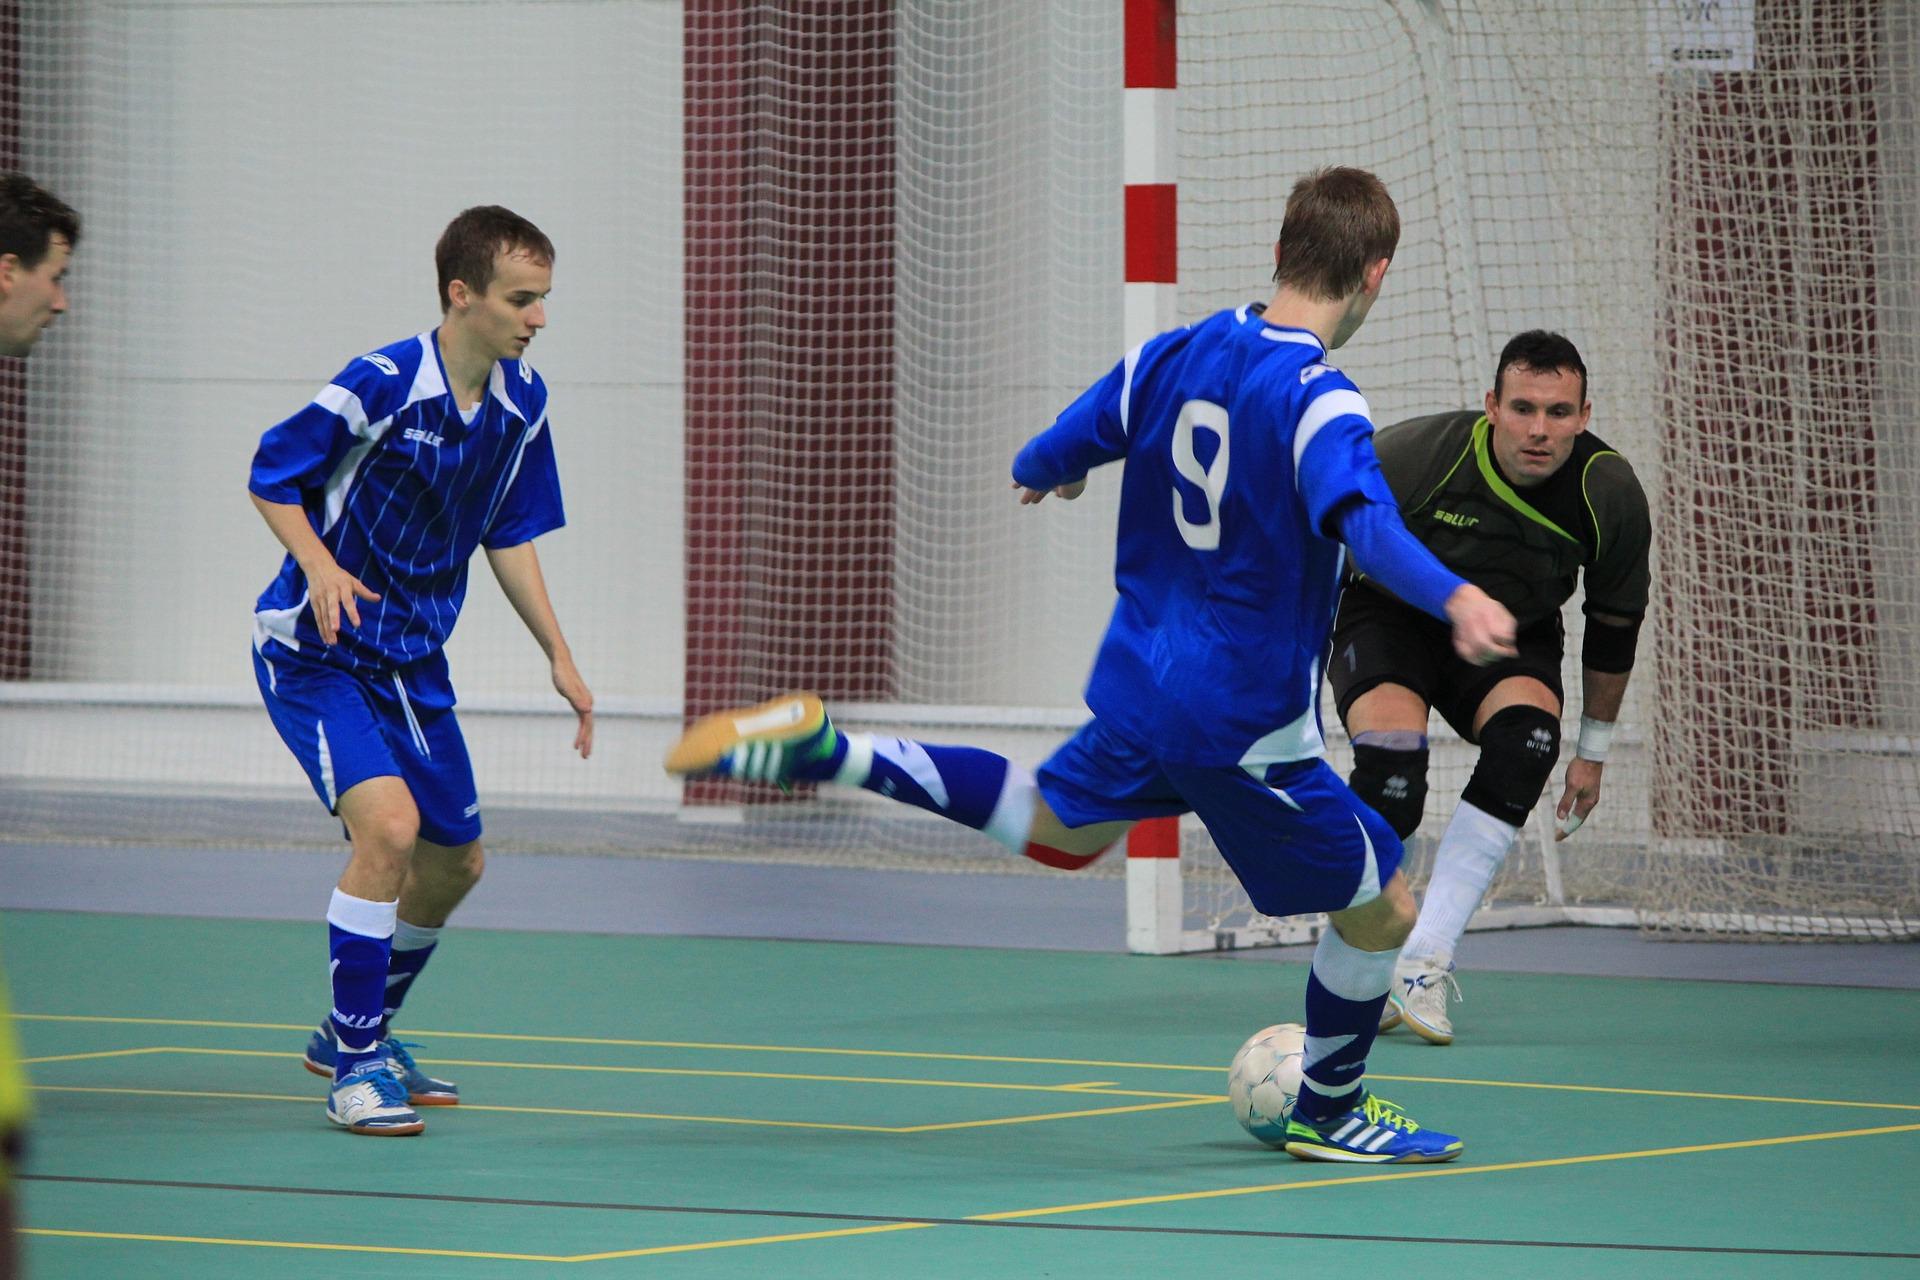 Homens jogando futsal em uma quadra coberta